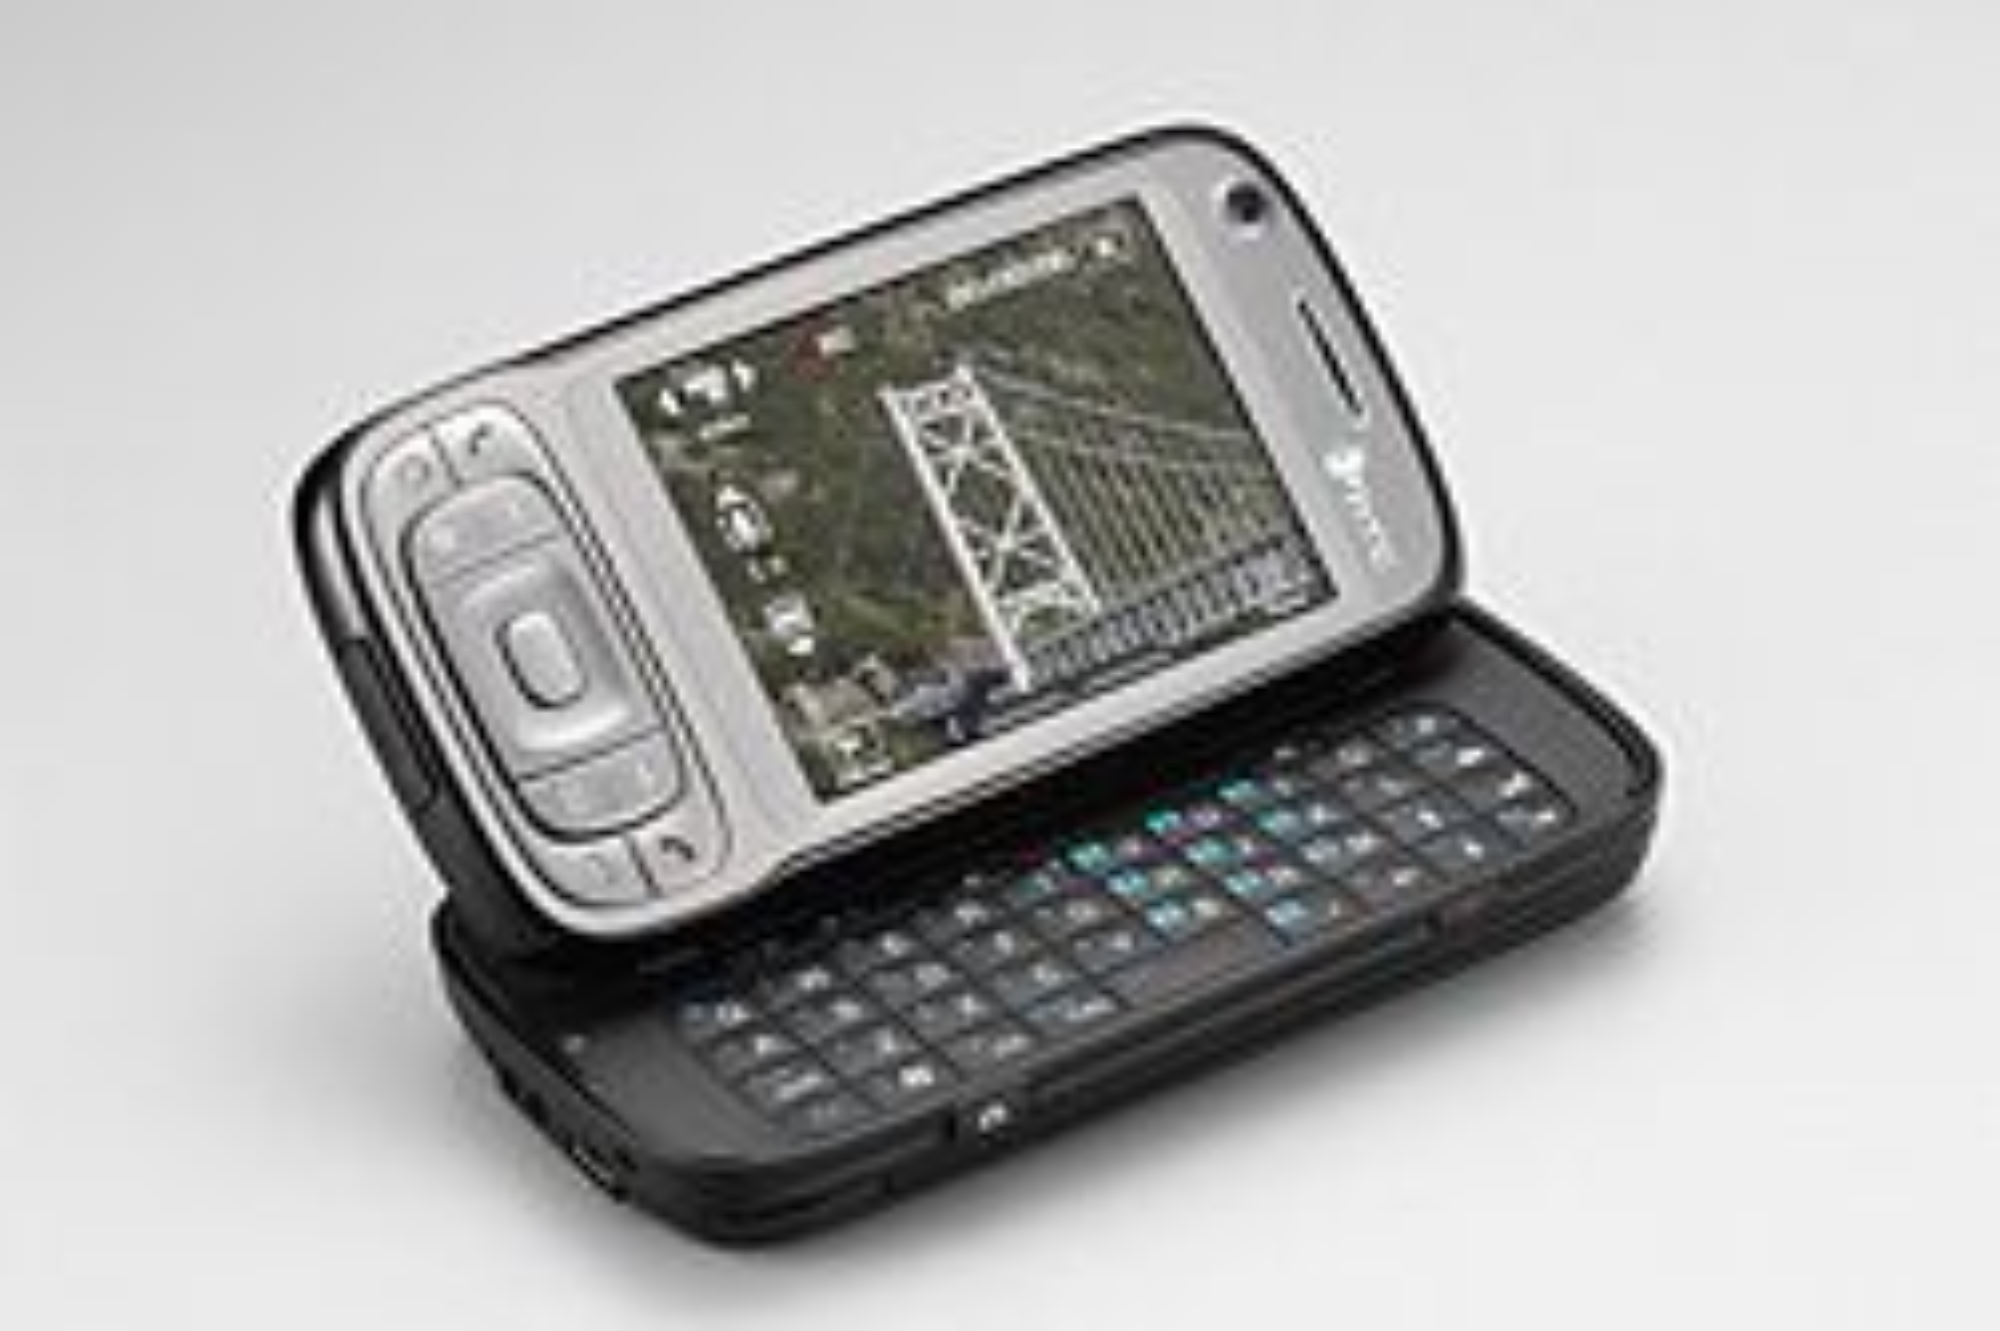 Tytn II er HTCs nye flaggskip. Ikke så rart, siden telefonen har nesten alt av funksjoner.